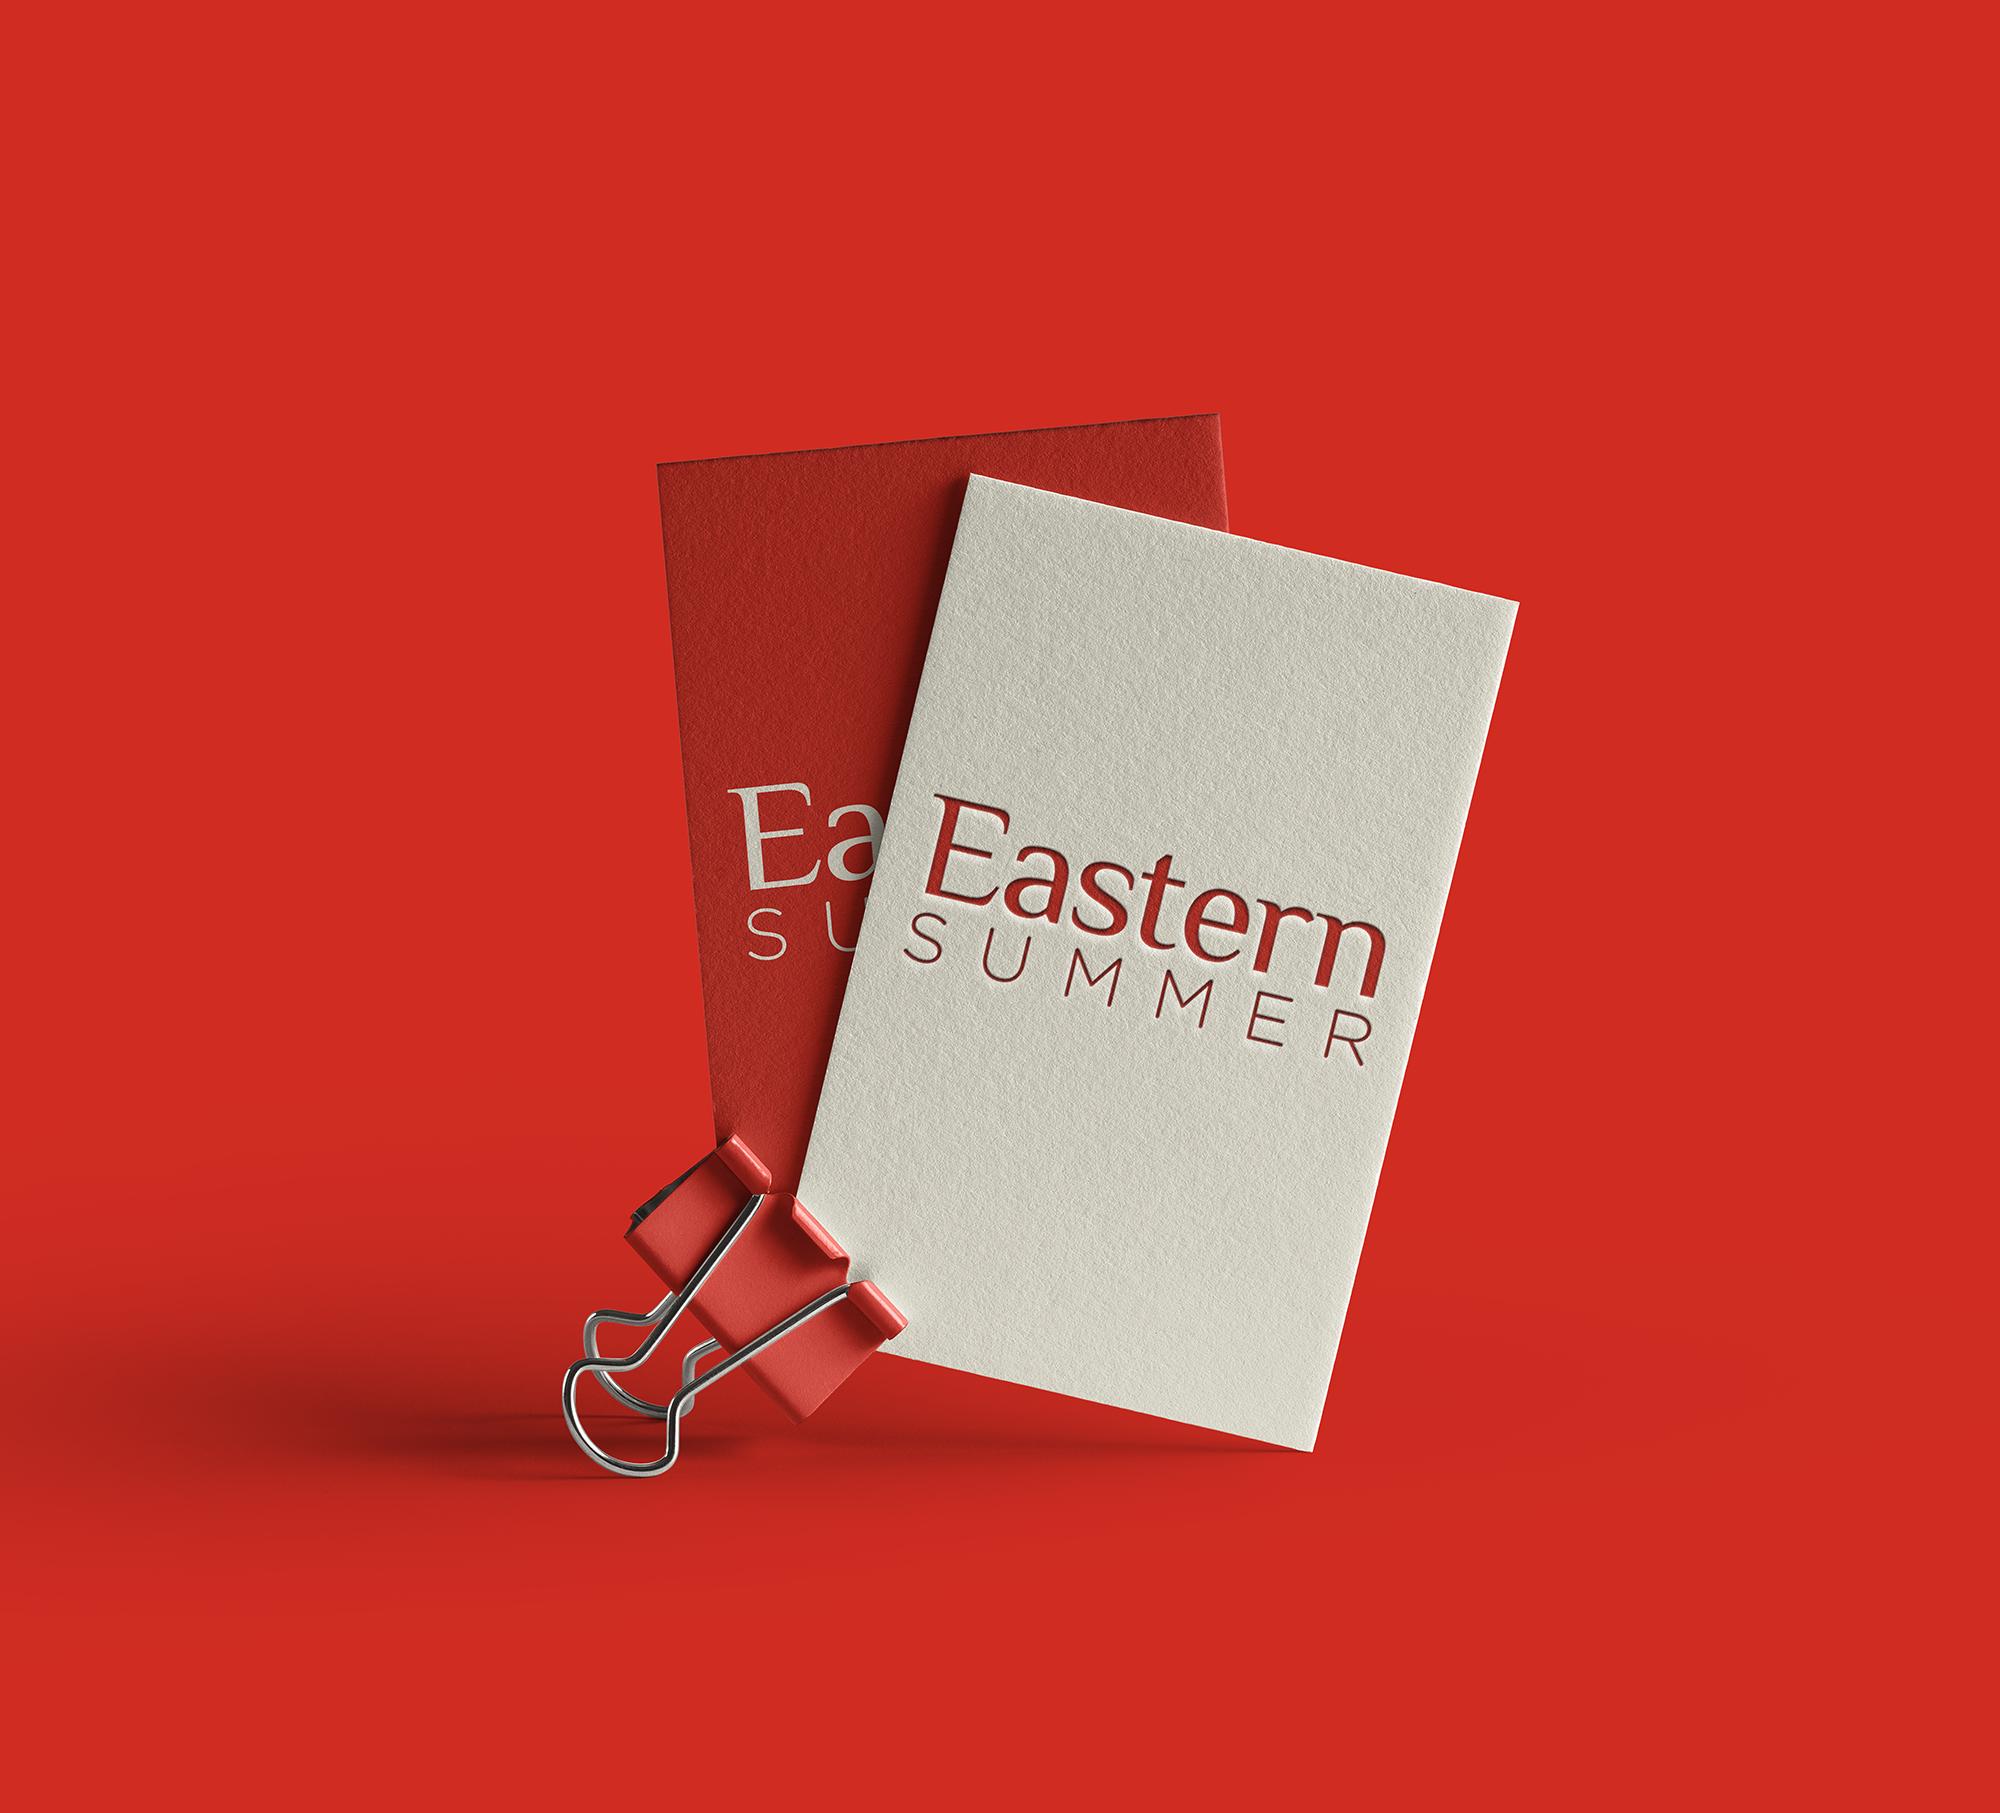 Eastern Summer brandning cards